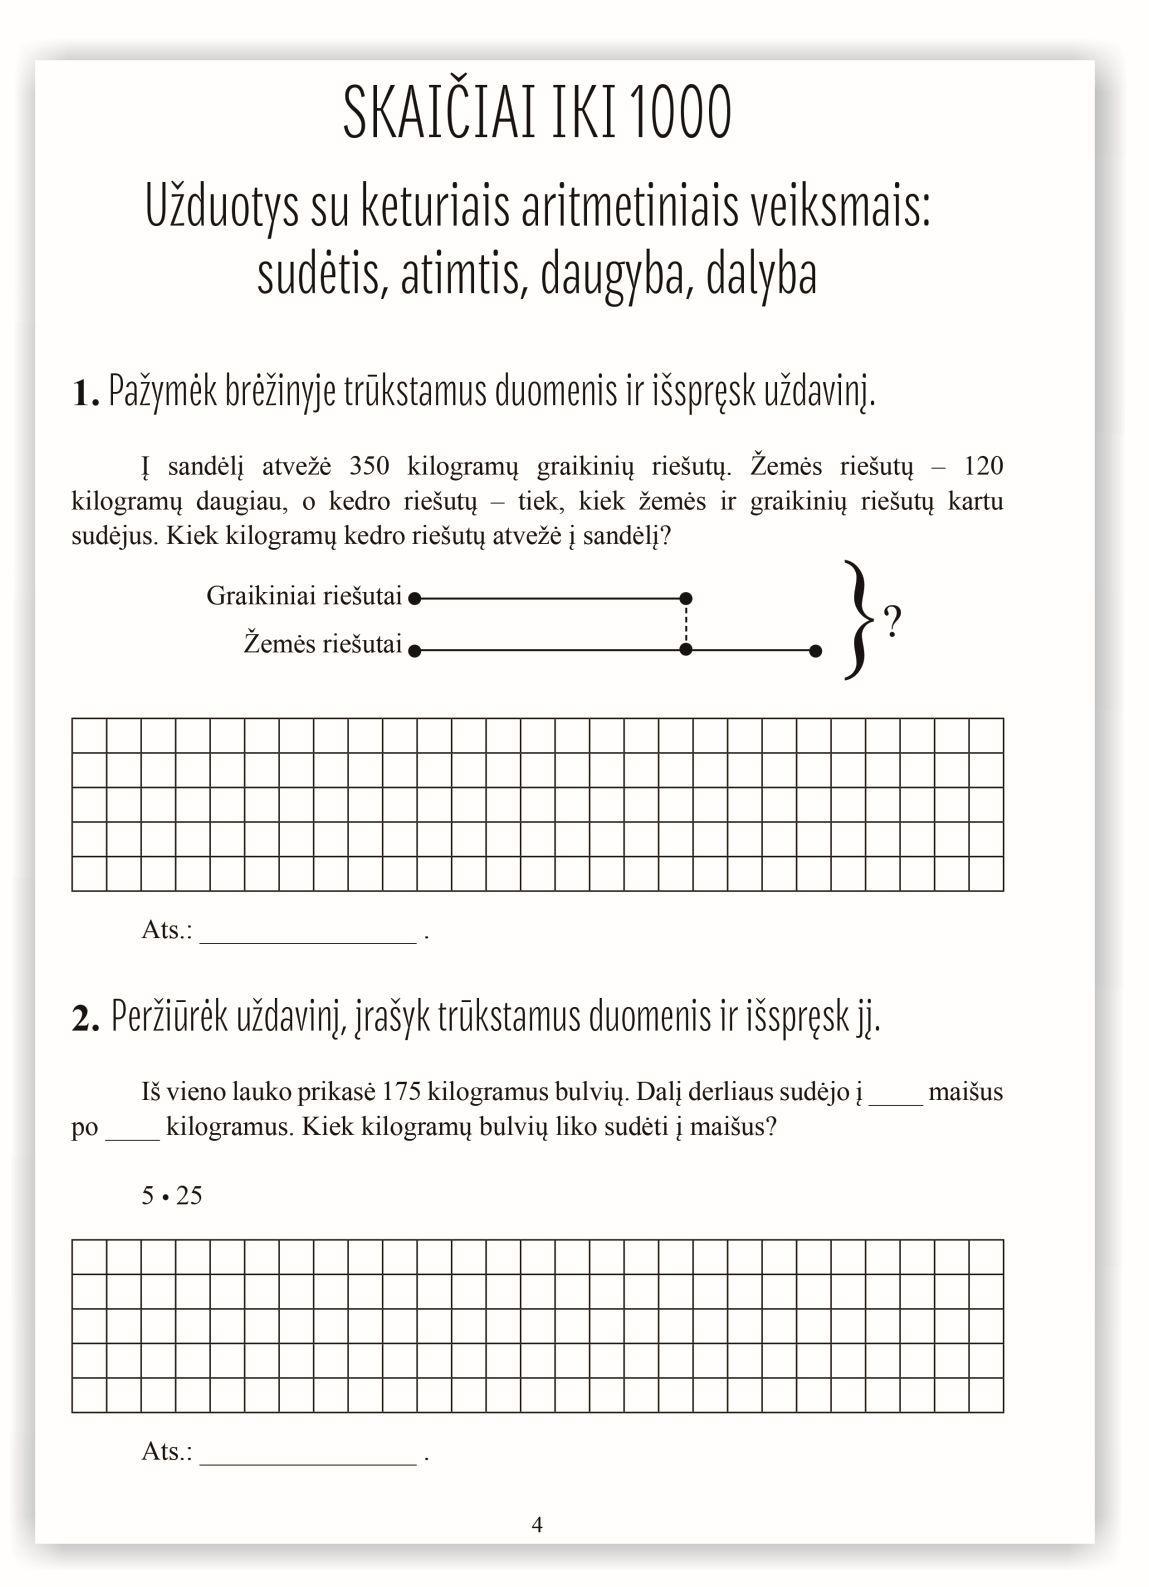 Matematika. Tekstiniai uždaviniai. 3 klasė II dalis. Sudėtis, atimtis, daugyba, dalyba   Reda Jaseliūnienė